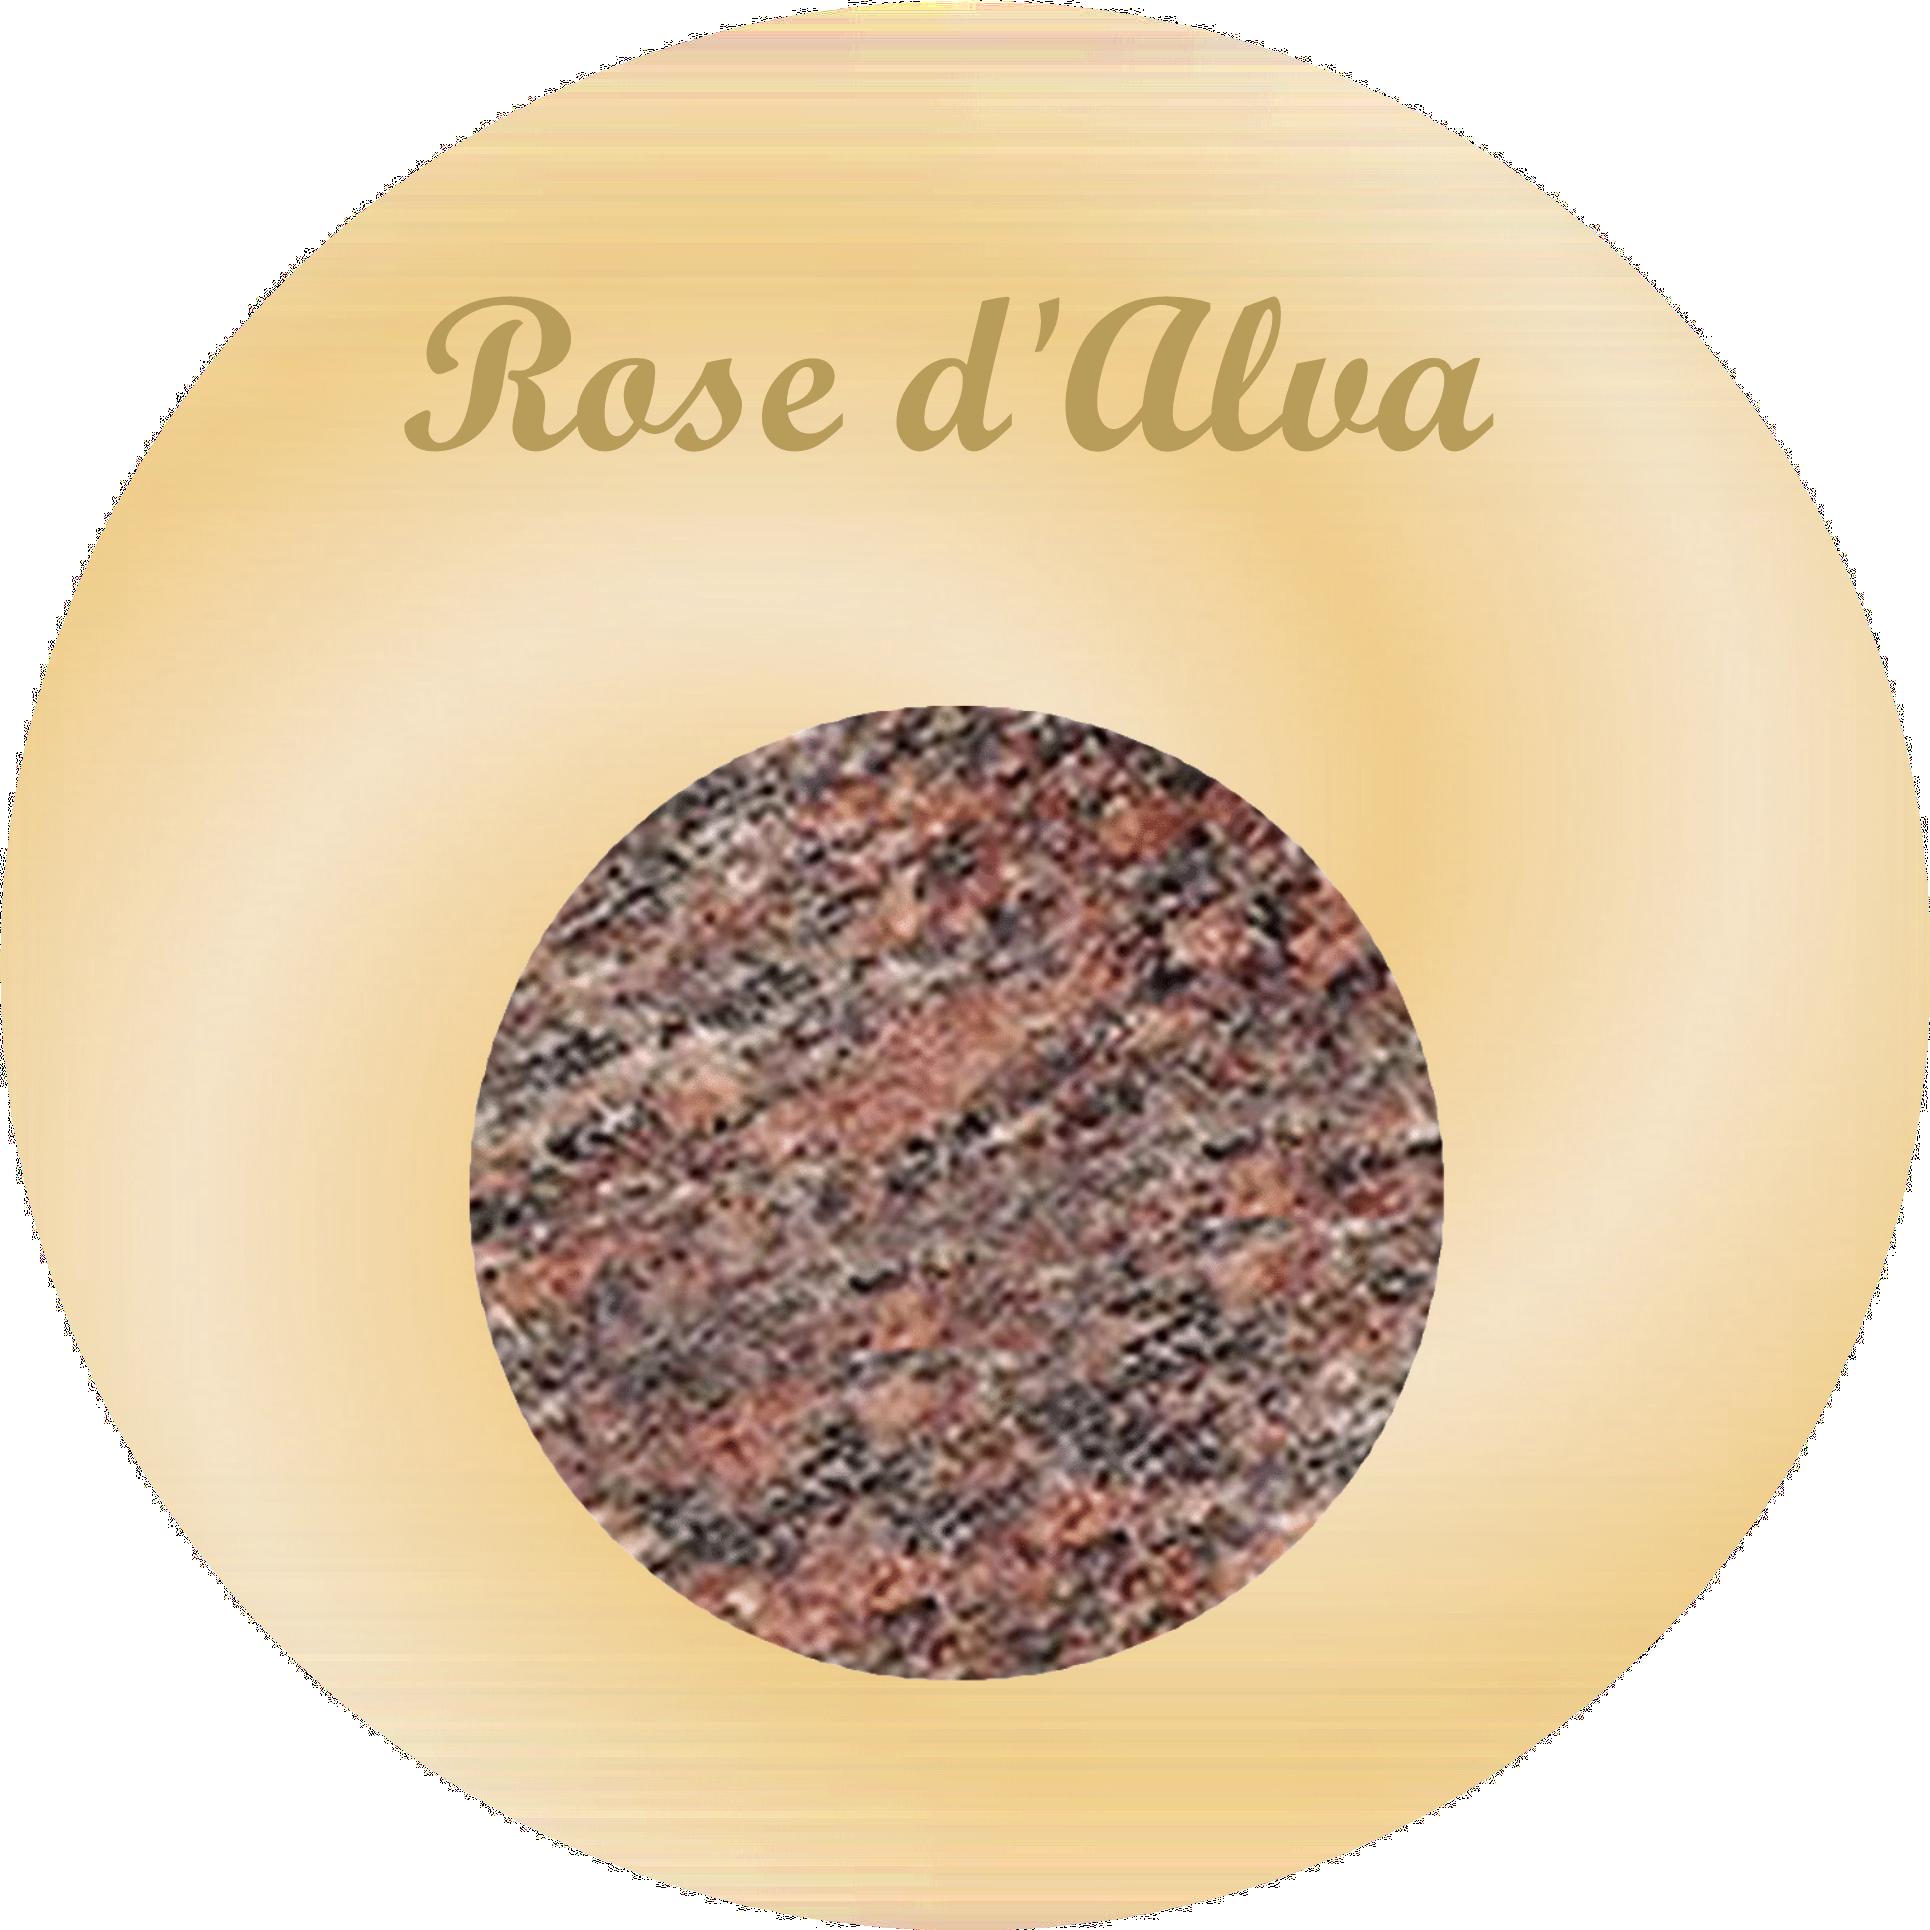 plaques rectangulaires granit rose d'alva